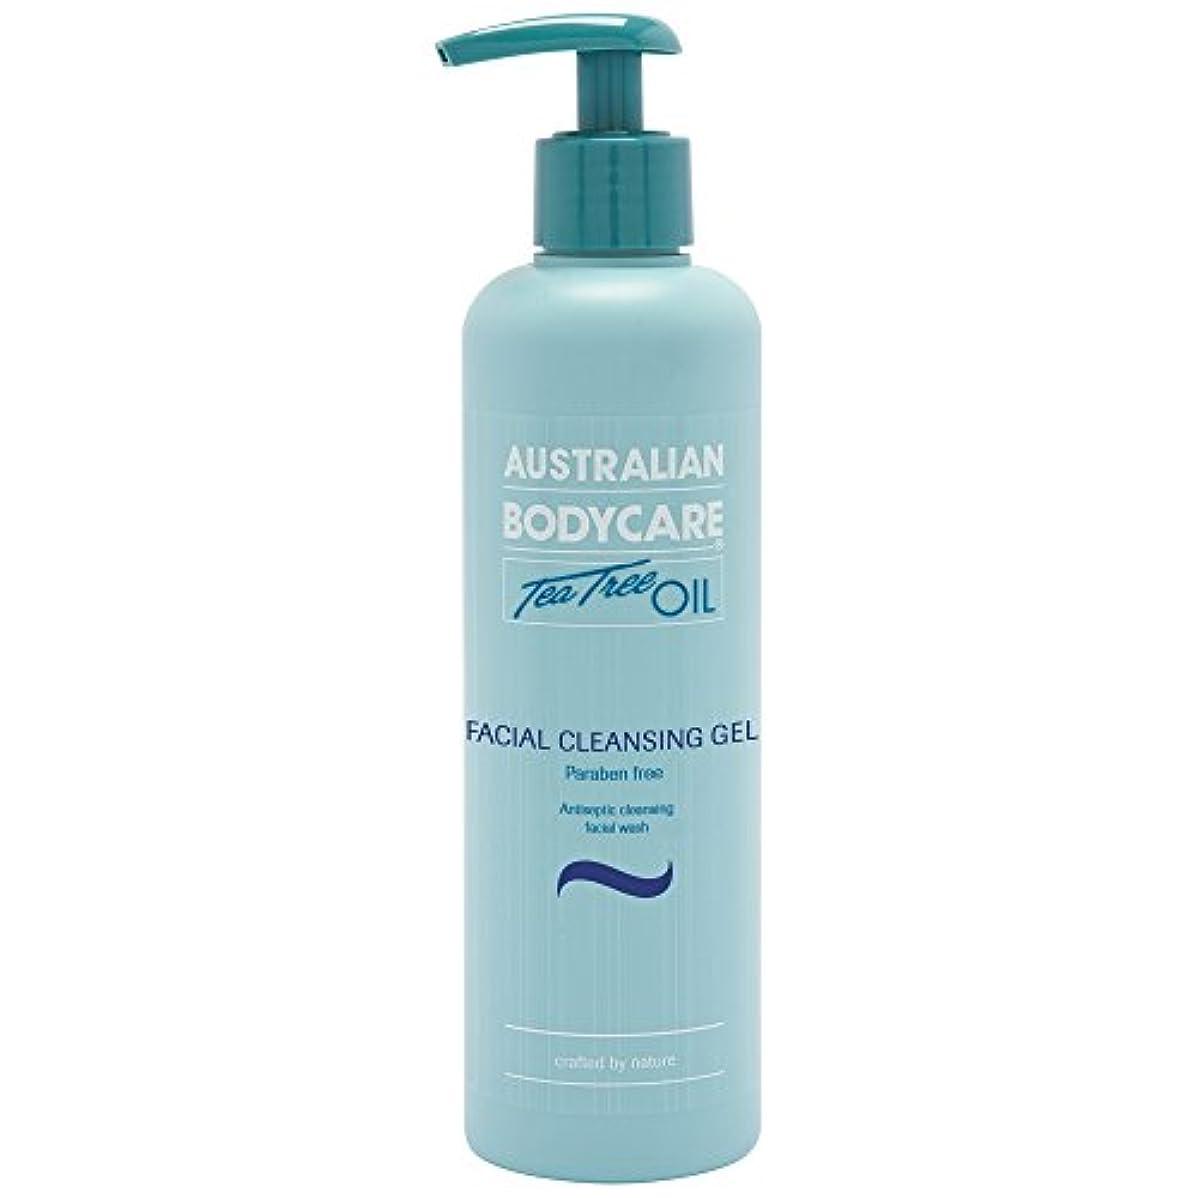 無駄に傘いらいらするオーストラリアのボディーケアティーツリーオイル洗顔ゲル250ミリリットル (Australian Bodycare) (x2) - Australian Bodycare Tea Tree Oil Facial Cleansing...